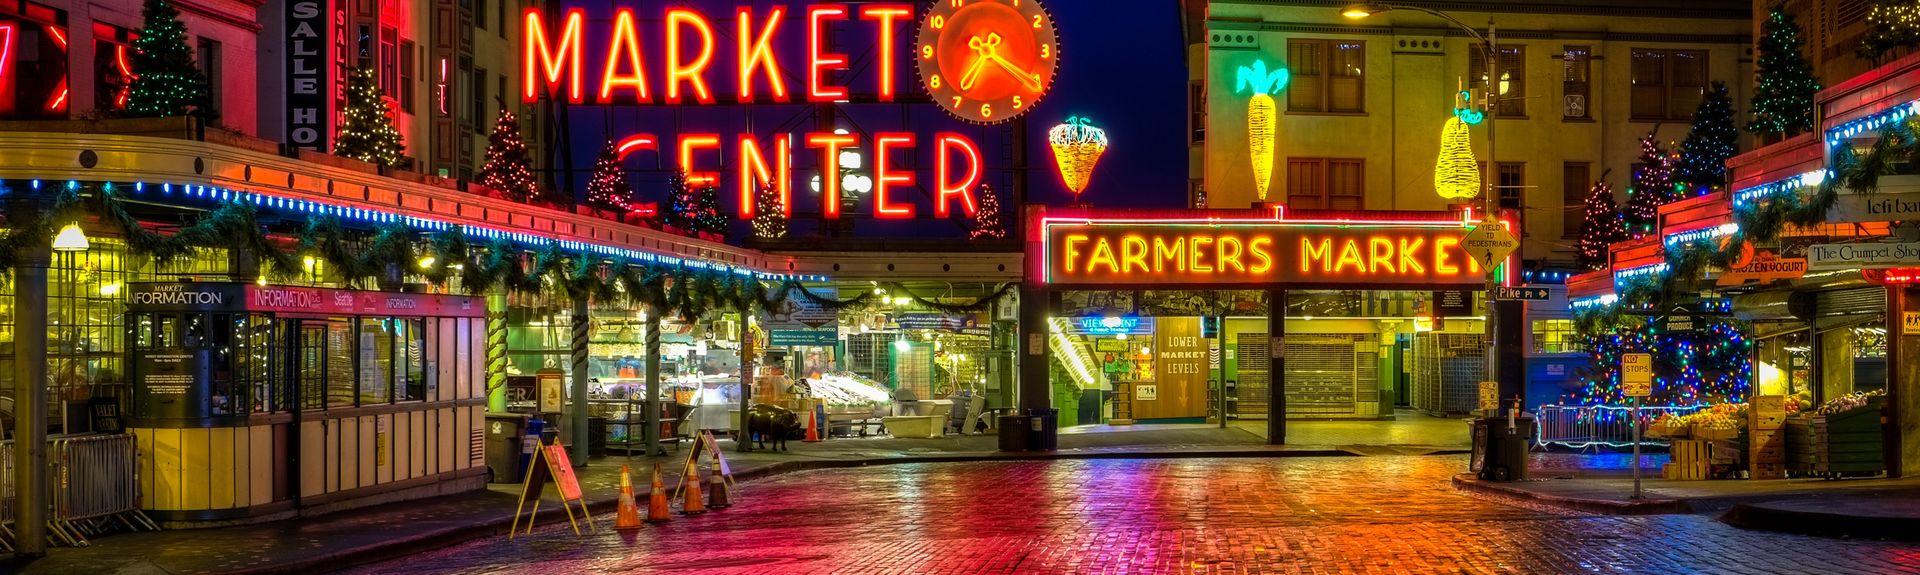 Pike Place Market, Seattle, Washington, United States of America